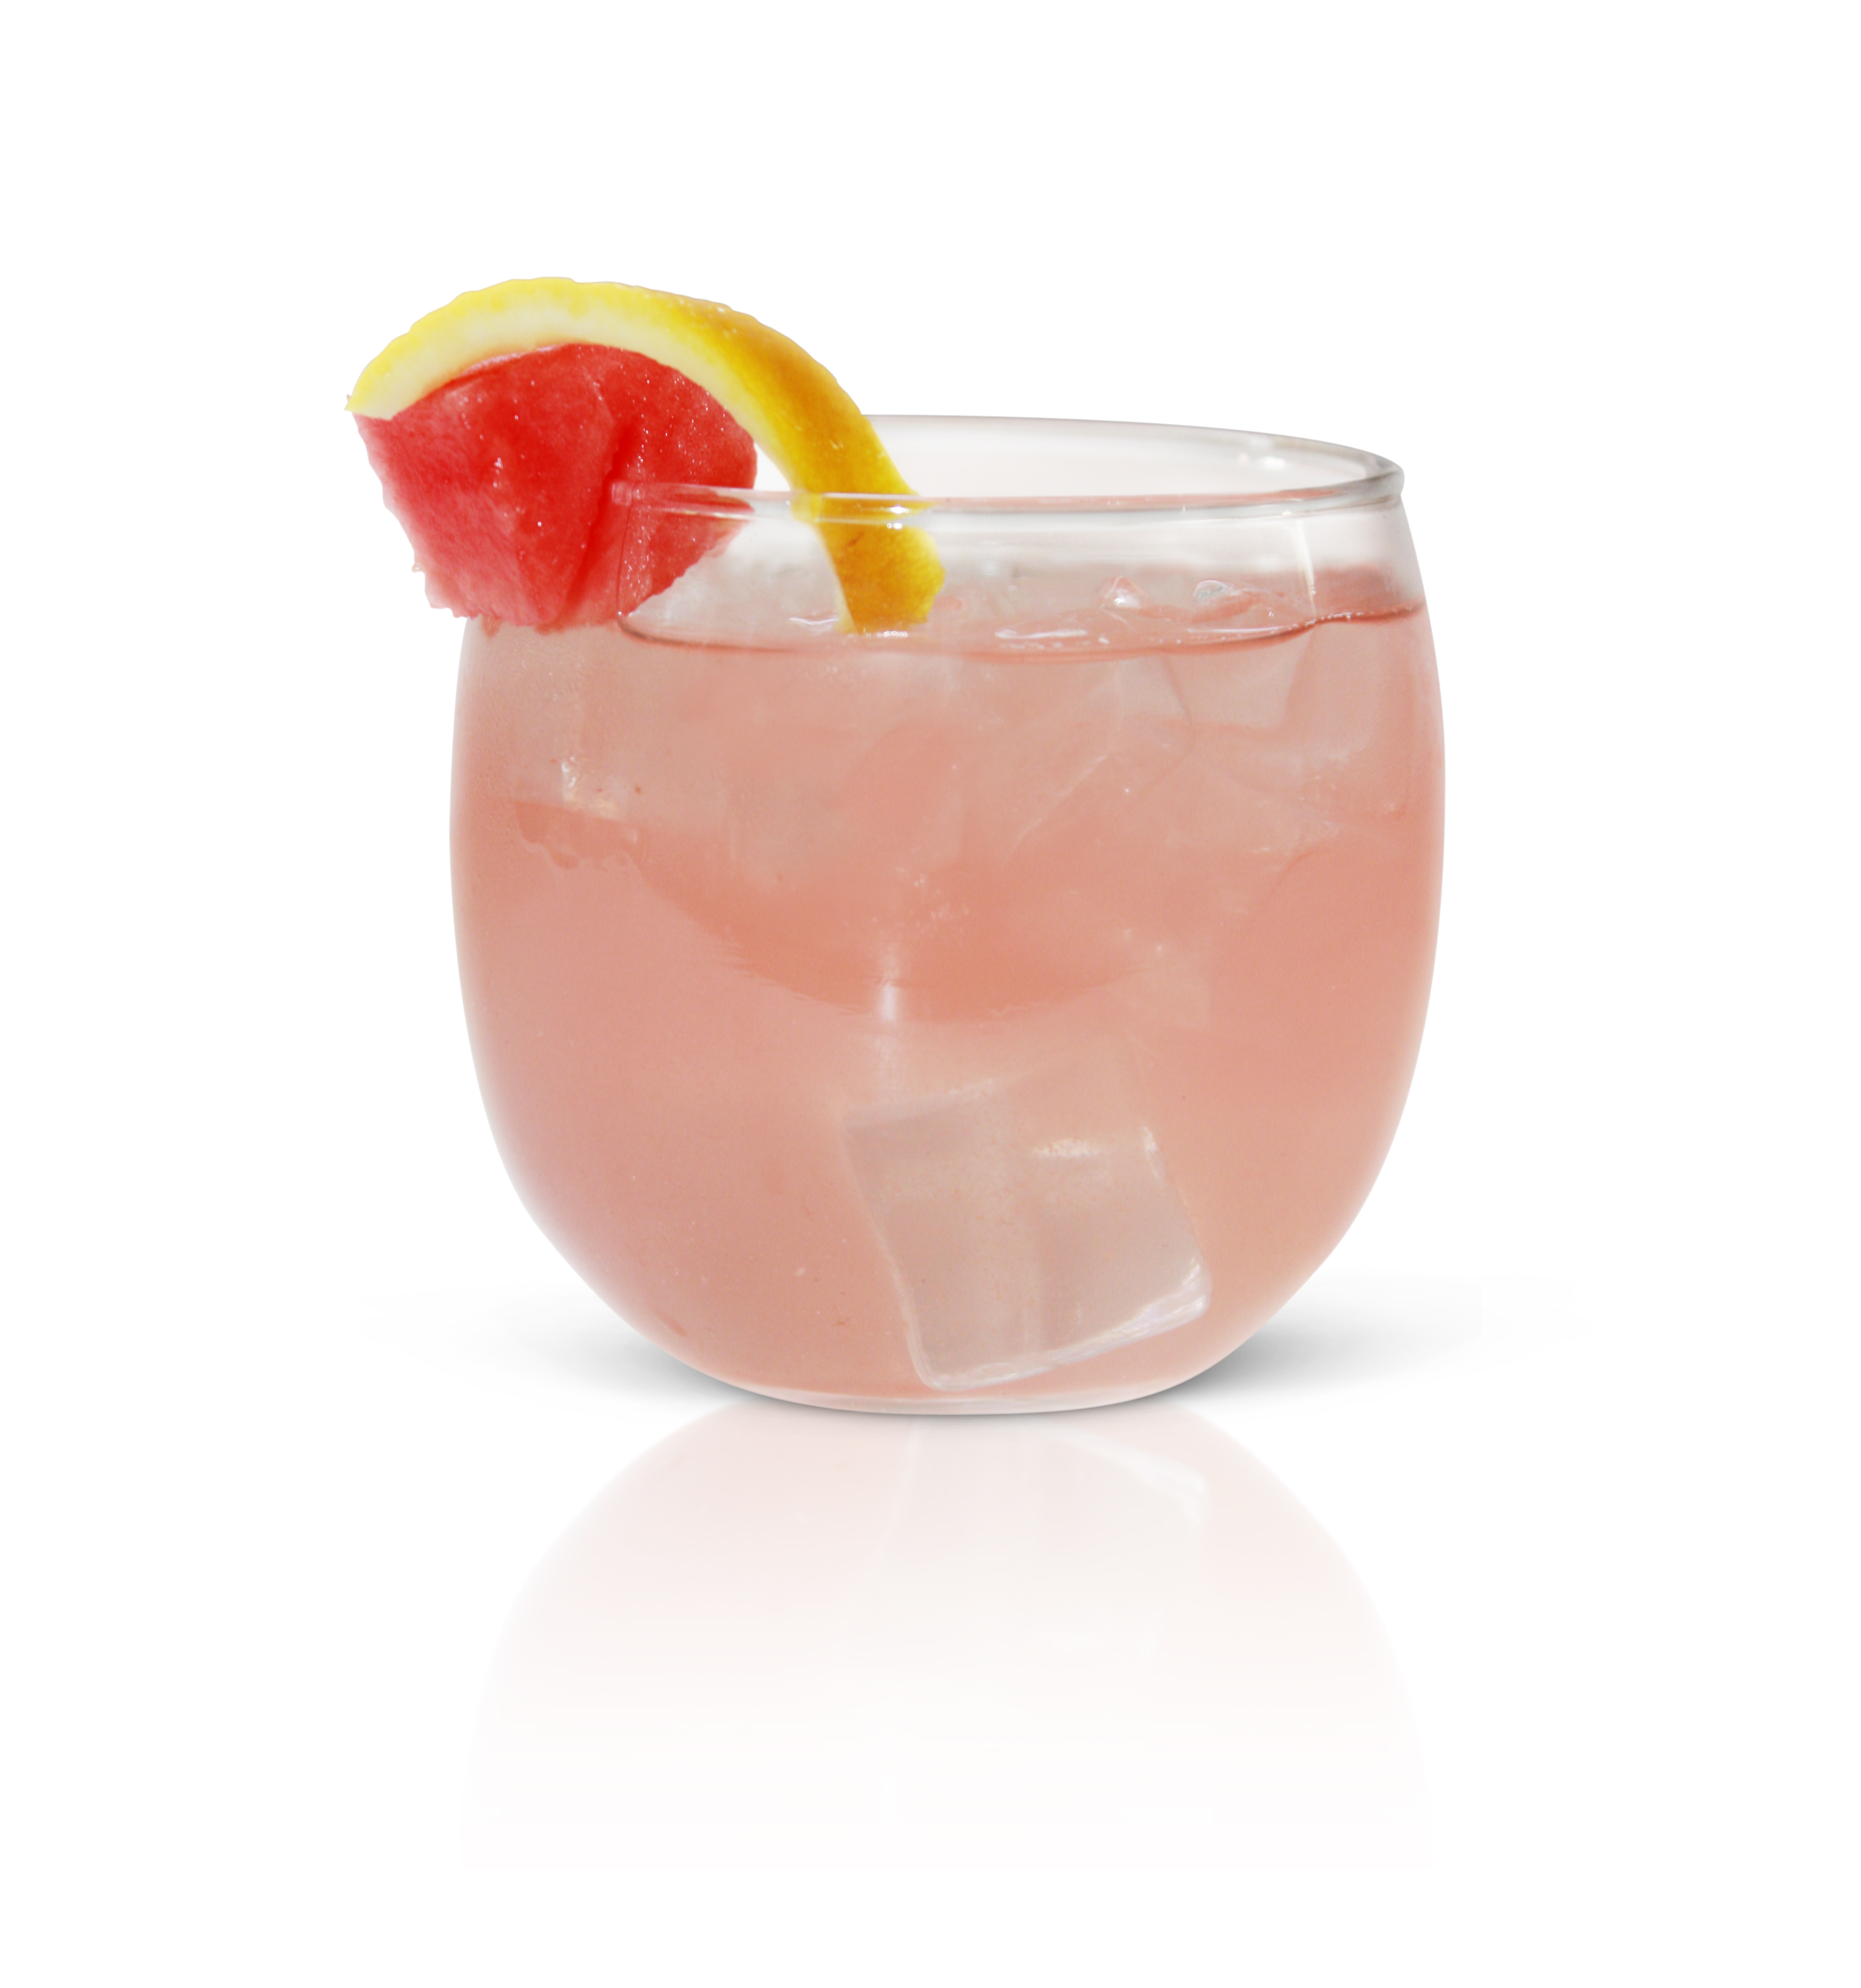 Drink Of The Week